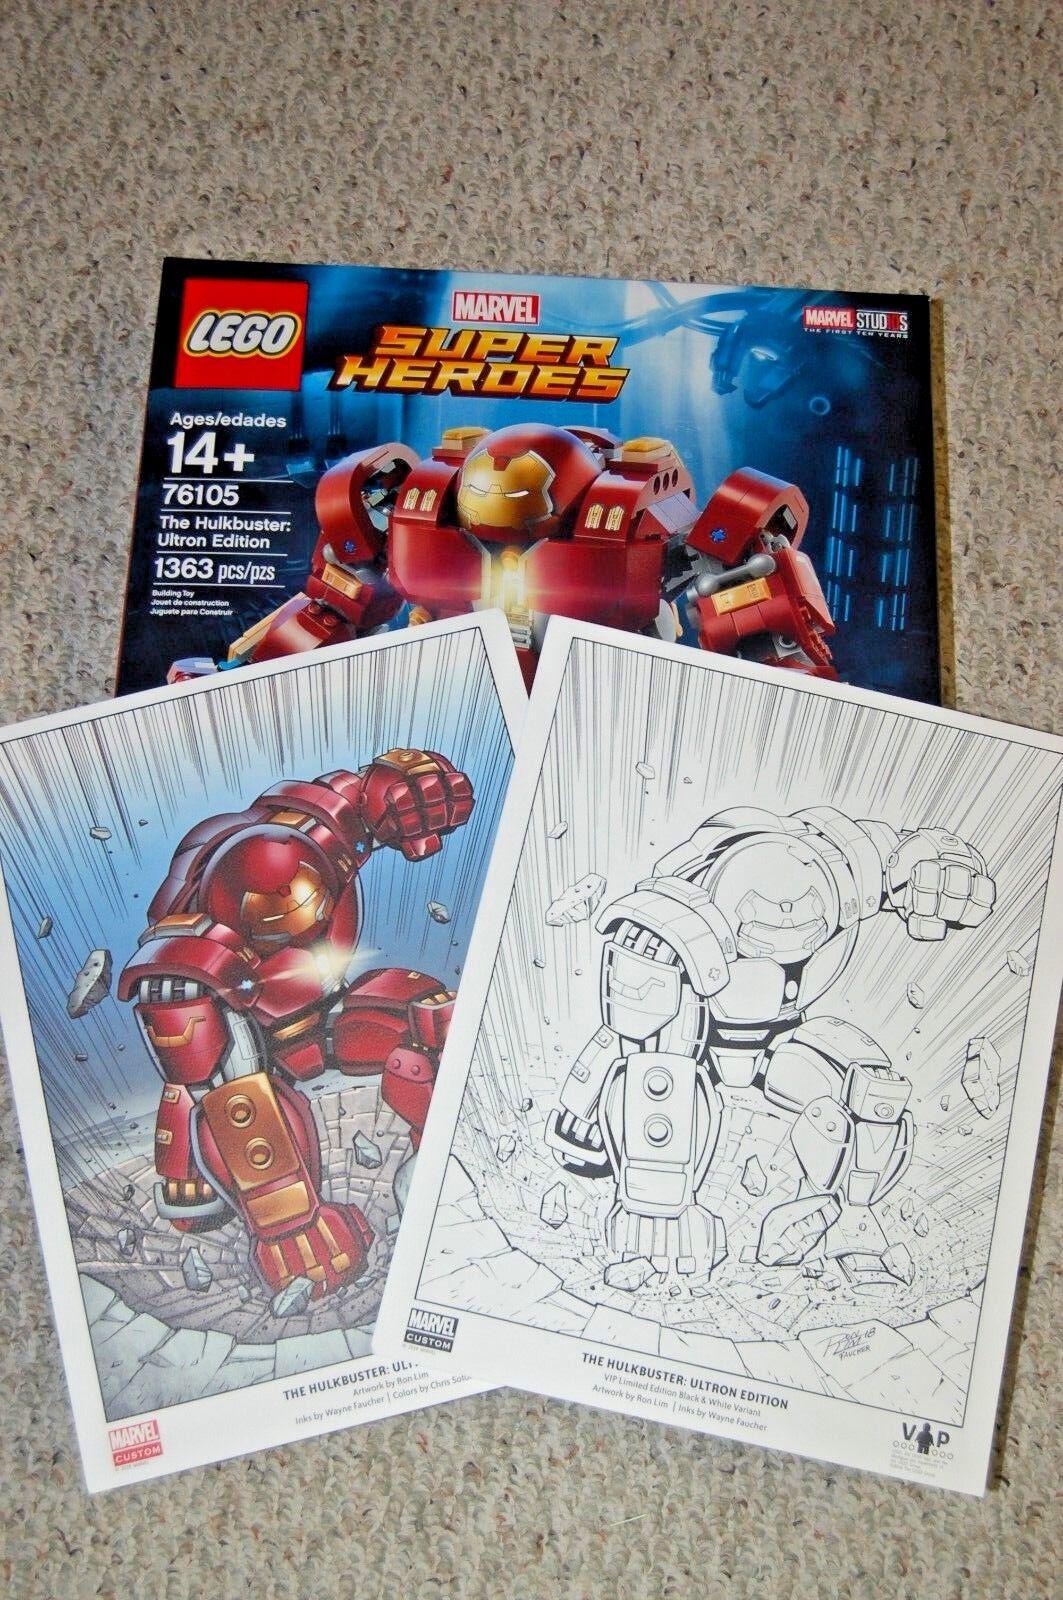 Lego Marvel Super Heroes Hulkbuster  Ultron Edition (76105) y blancoo y Negro Color impresiones